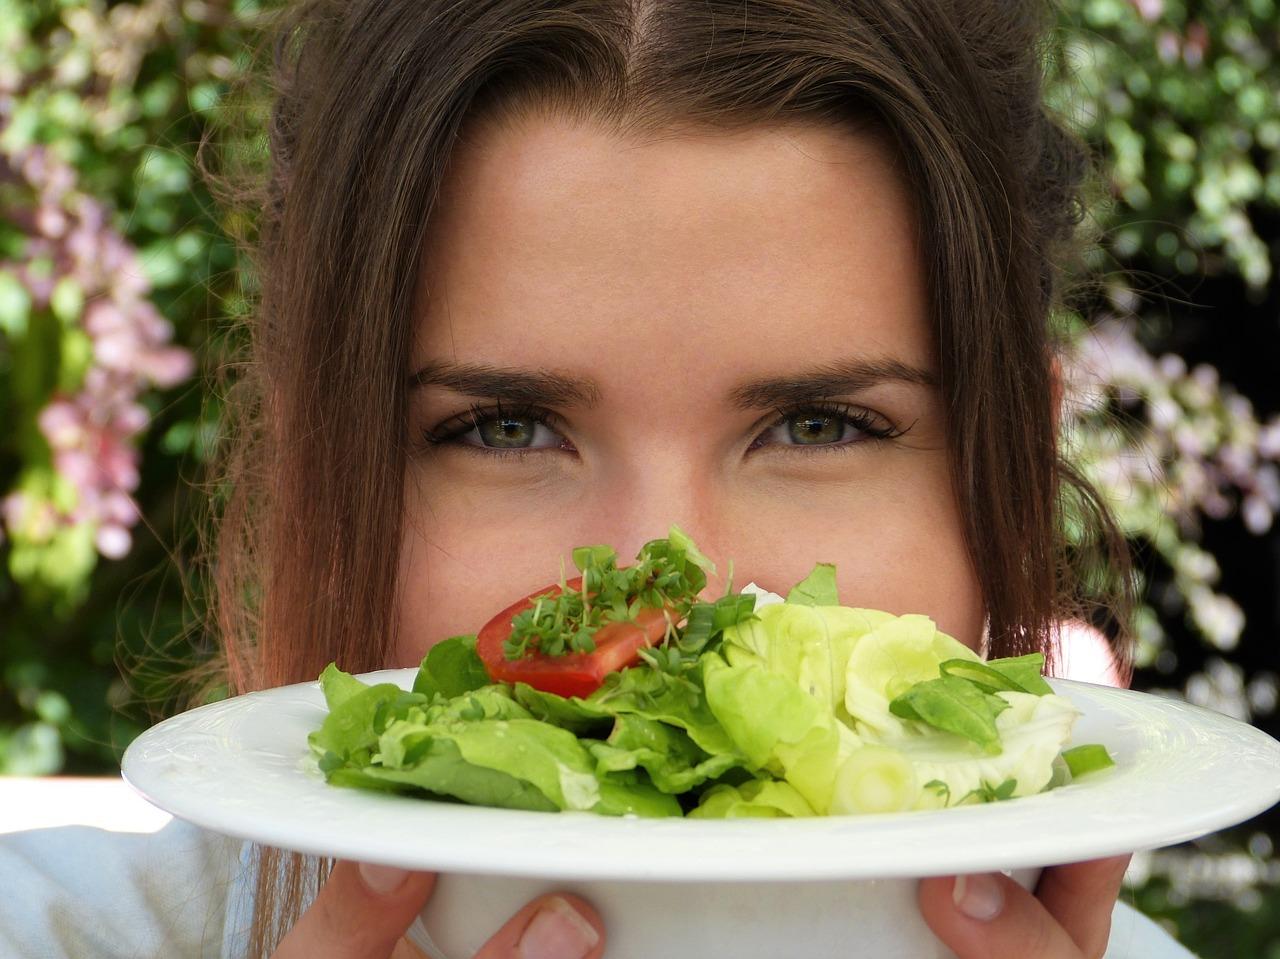 Como a dieta detox ajuda a adotar hábitos saudáveis